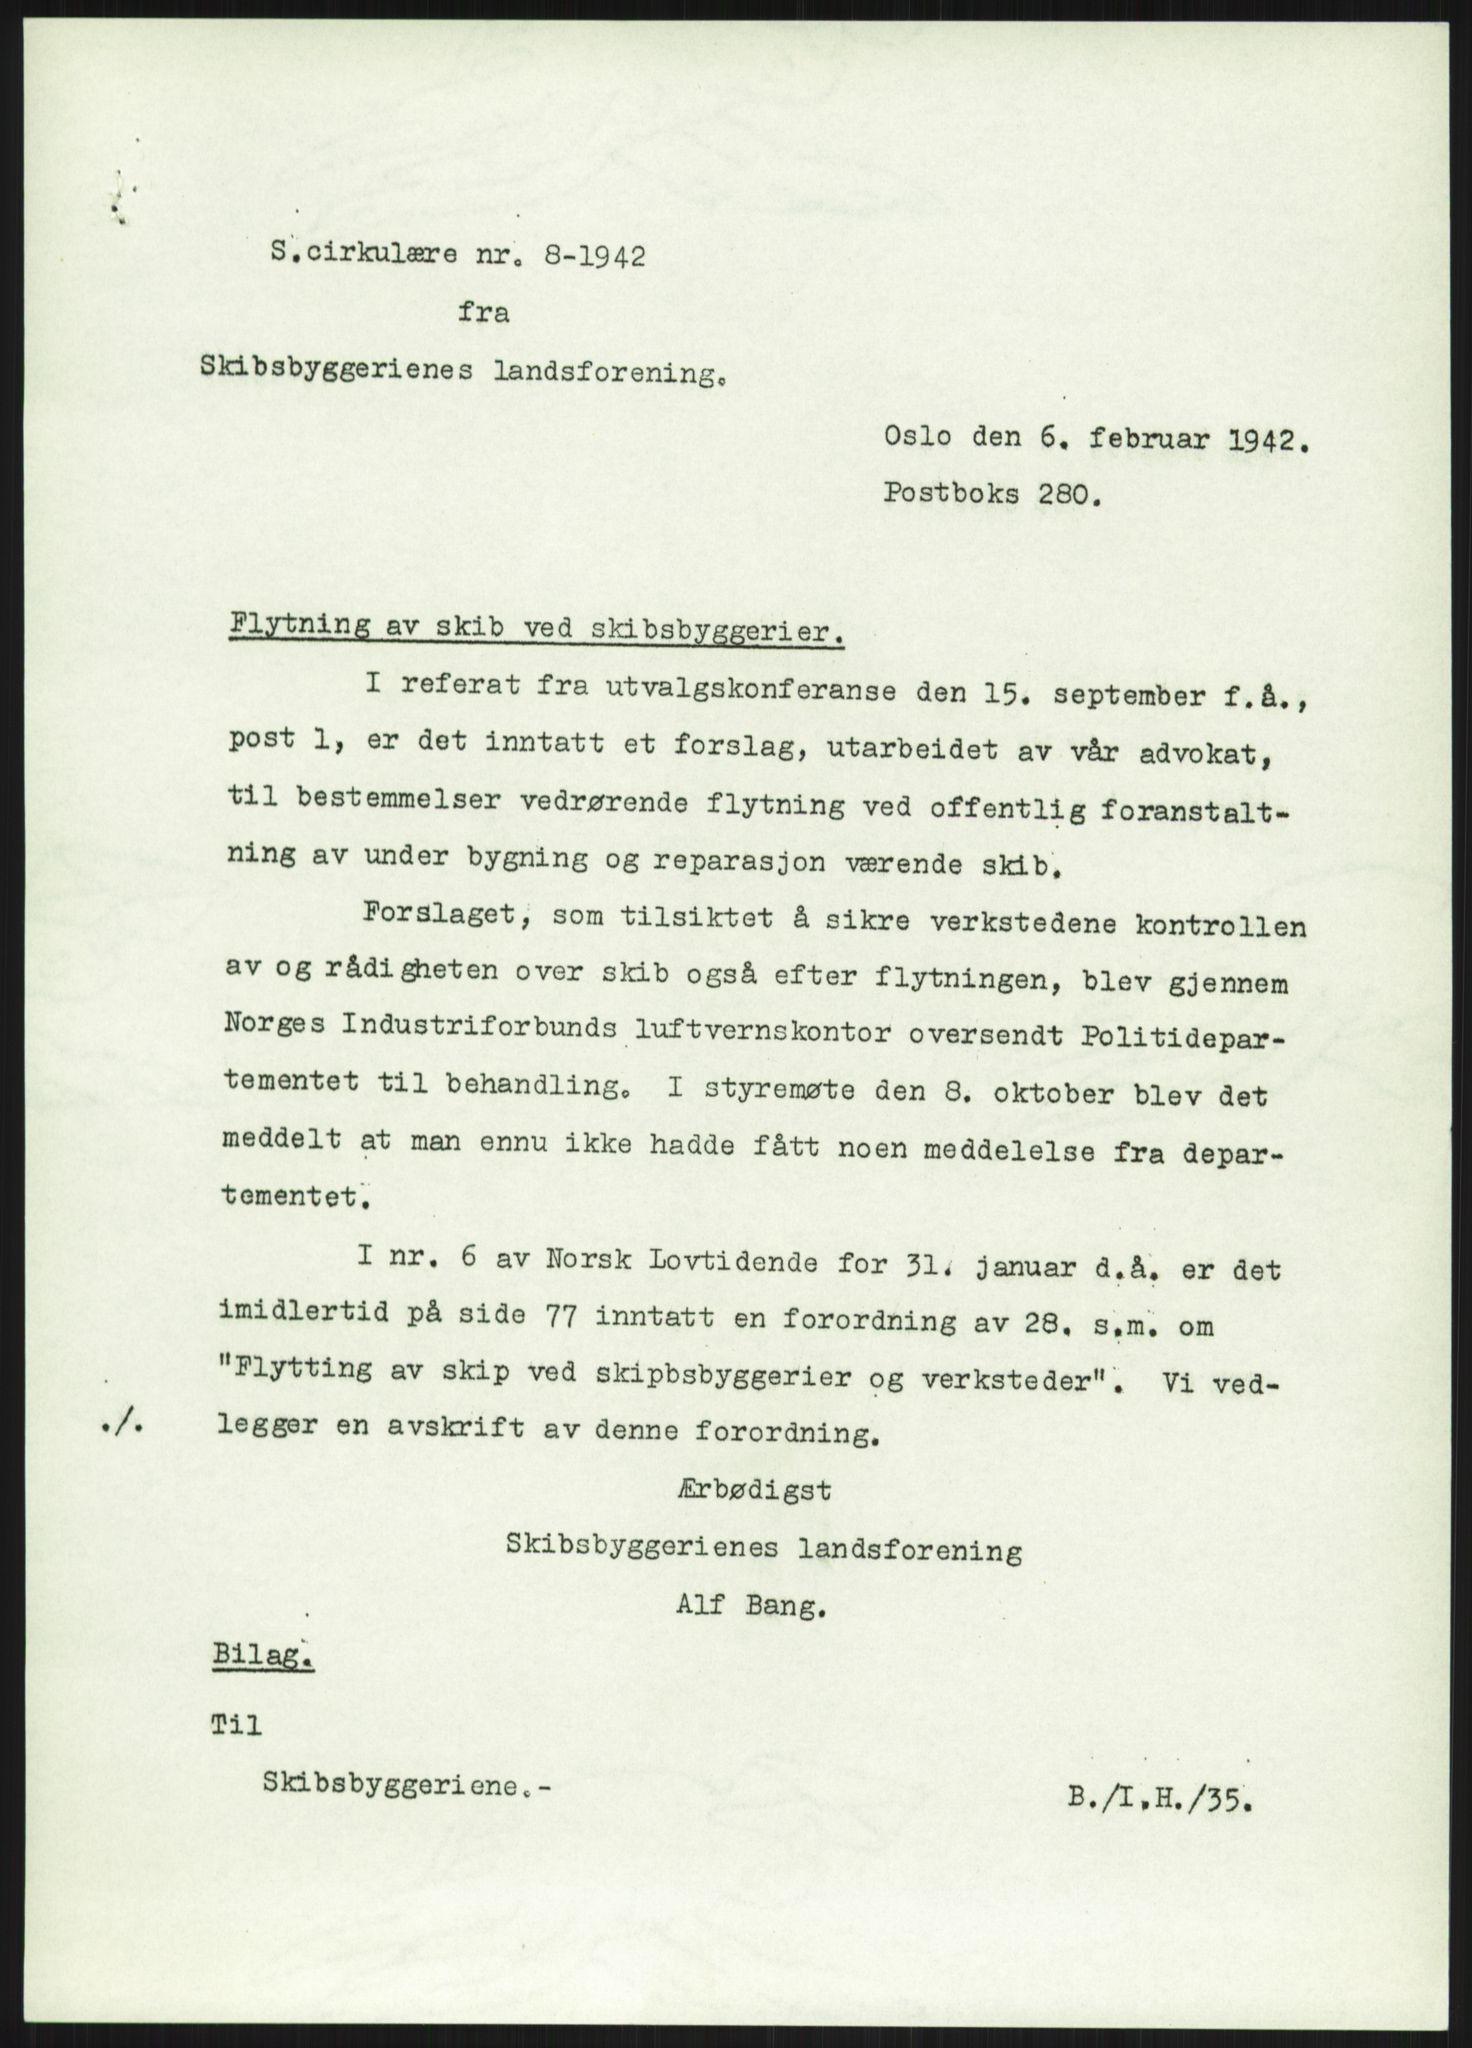 RA, Teknologibedriftenes Landsforening TBL, E/L0010: Boks med 6 mappe, 1941-1943, p. 1